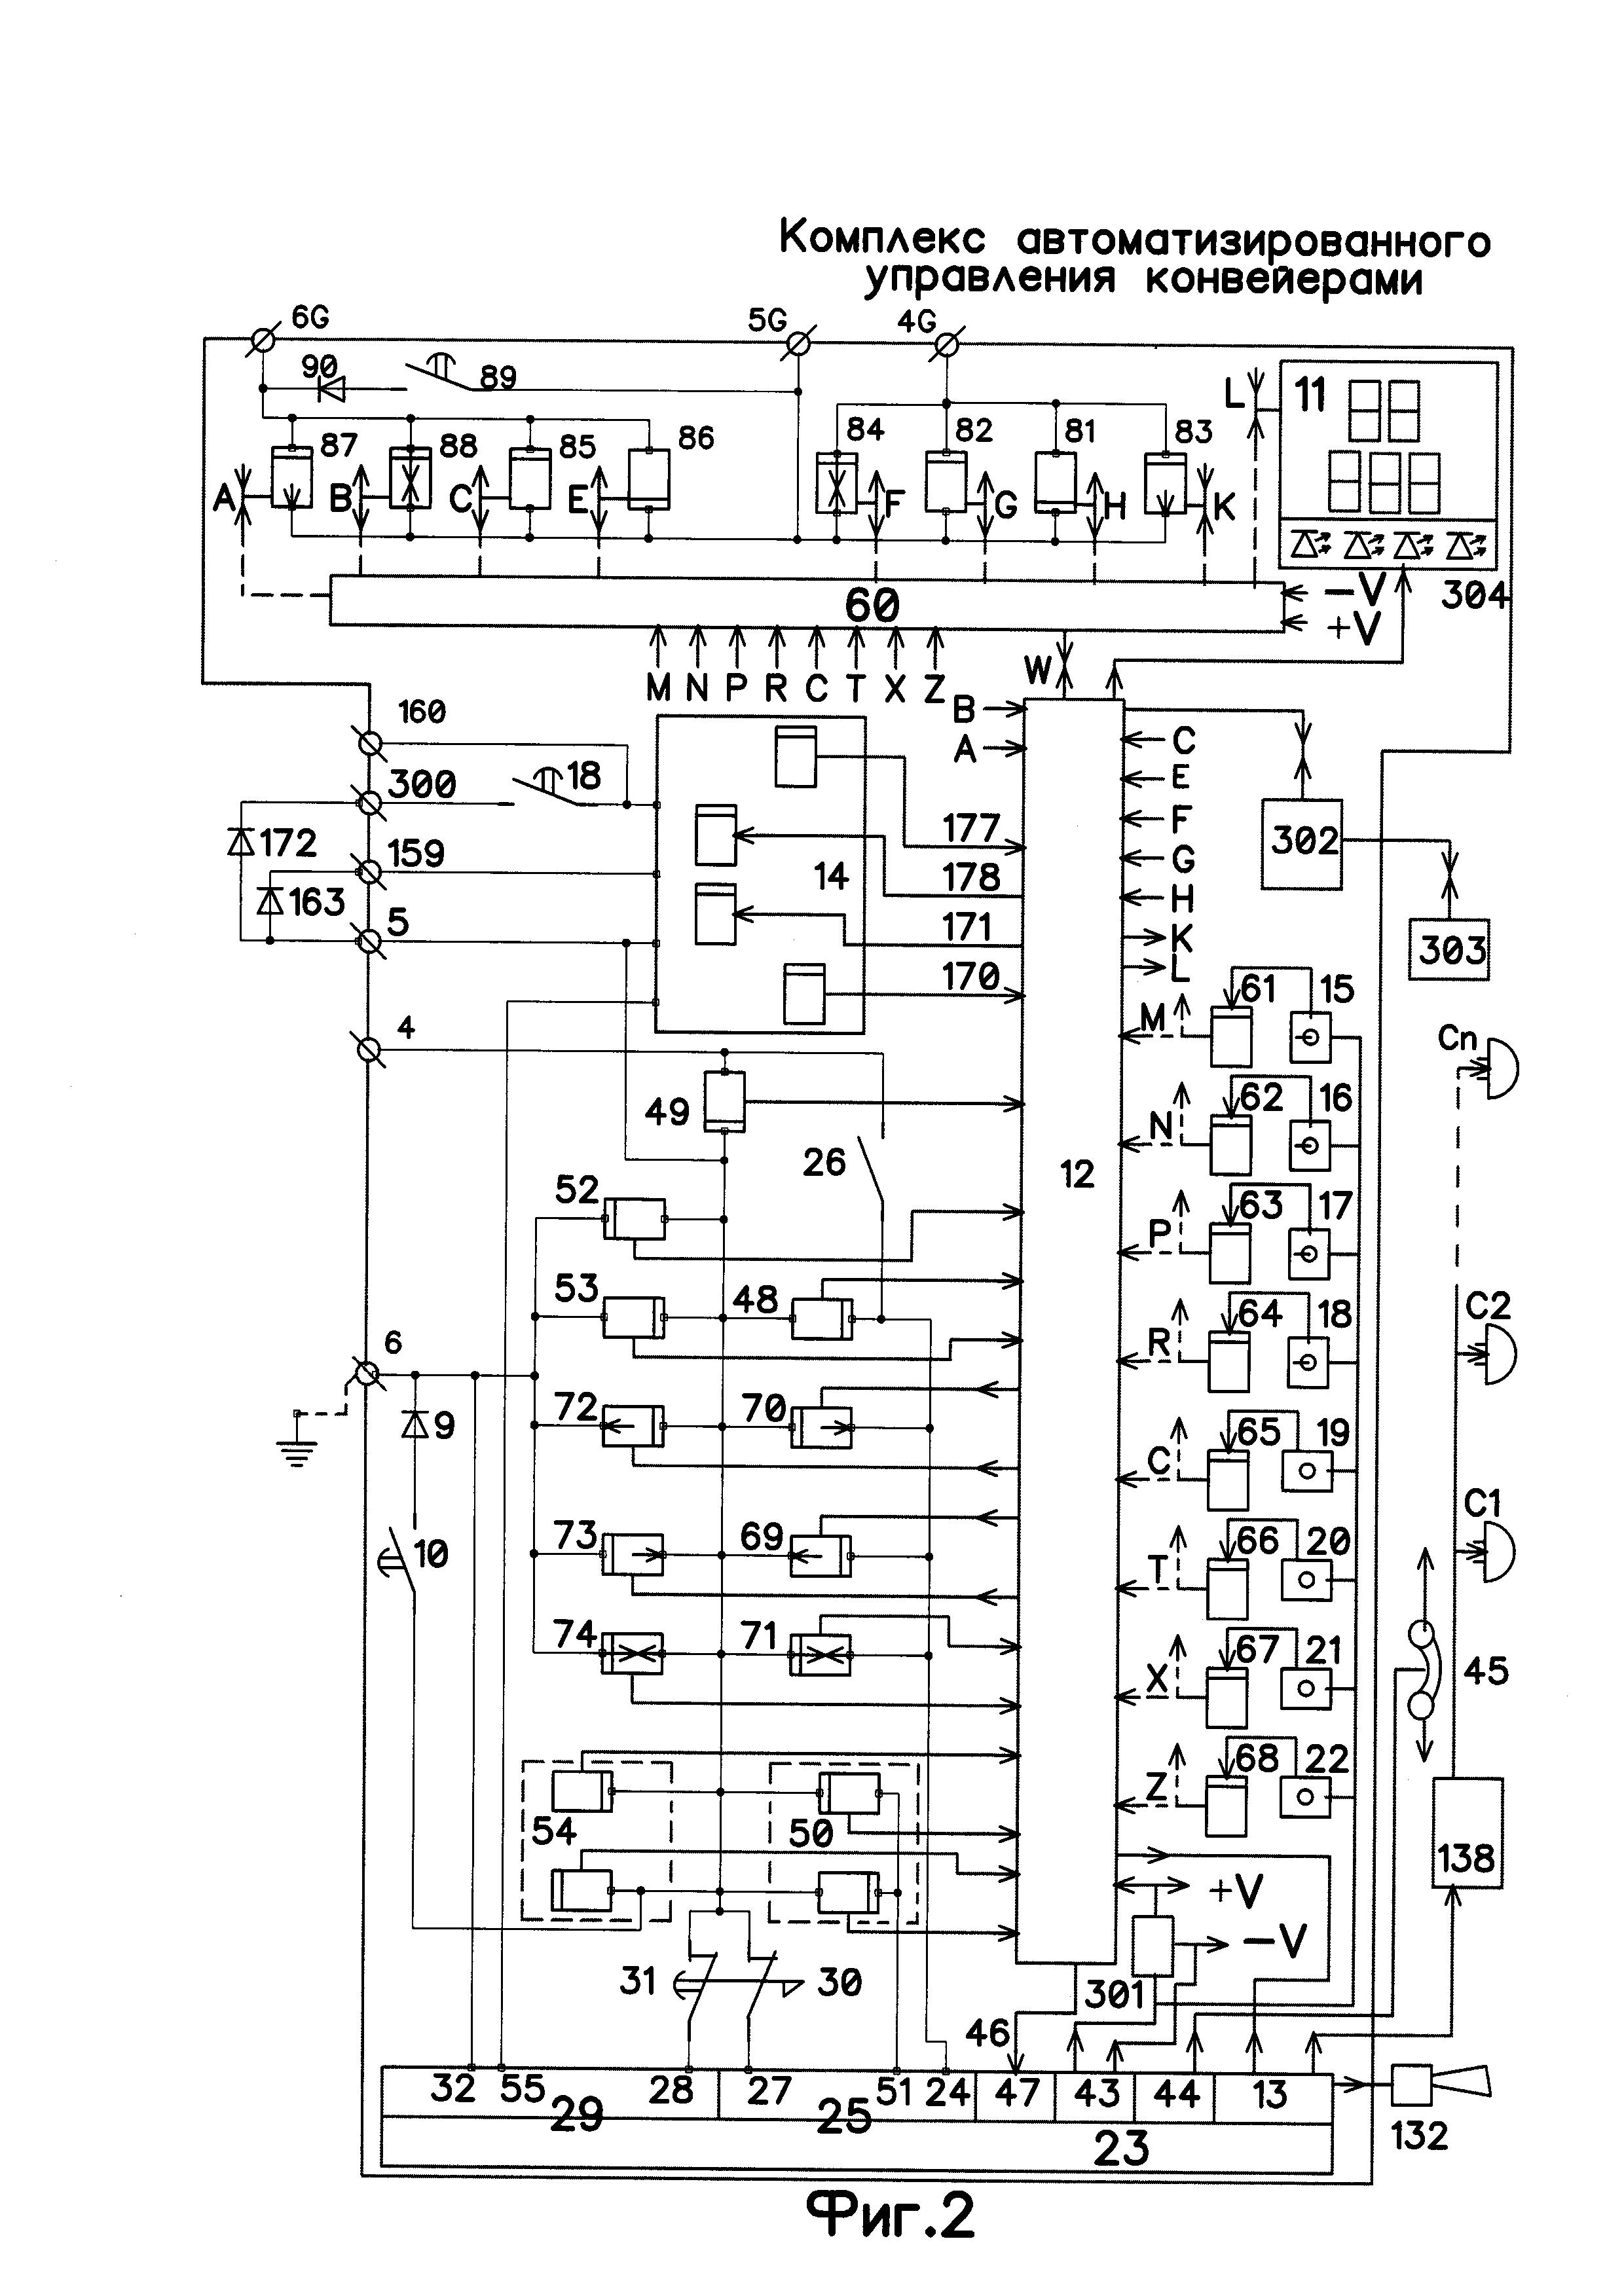 Комплекс управления конвейерам т5 транспортер подкапотное пространство